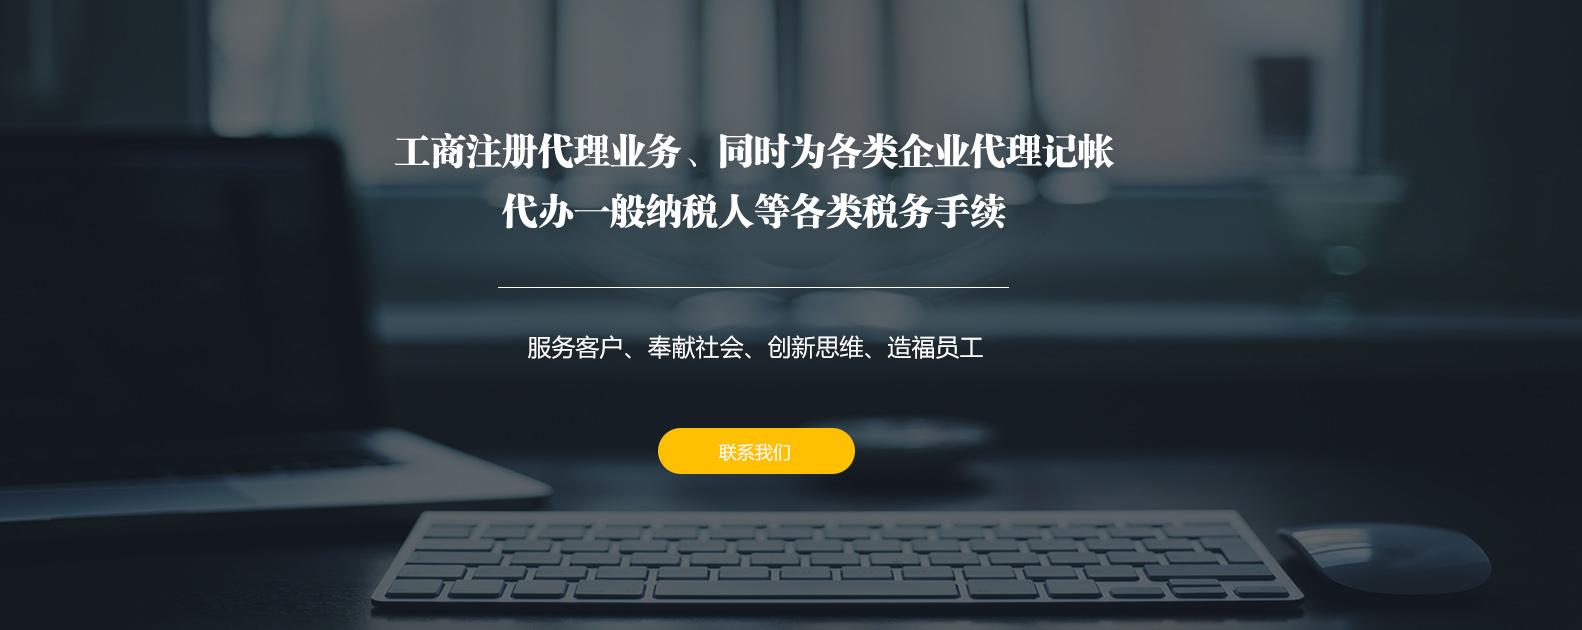 湖北金账房财务咨询服务有限公司